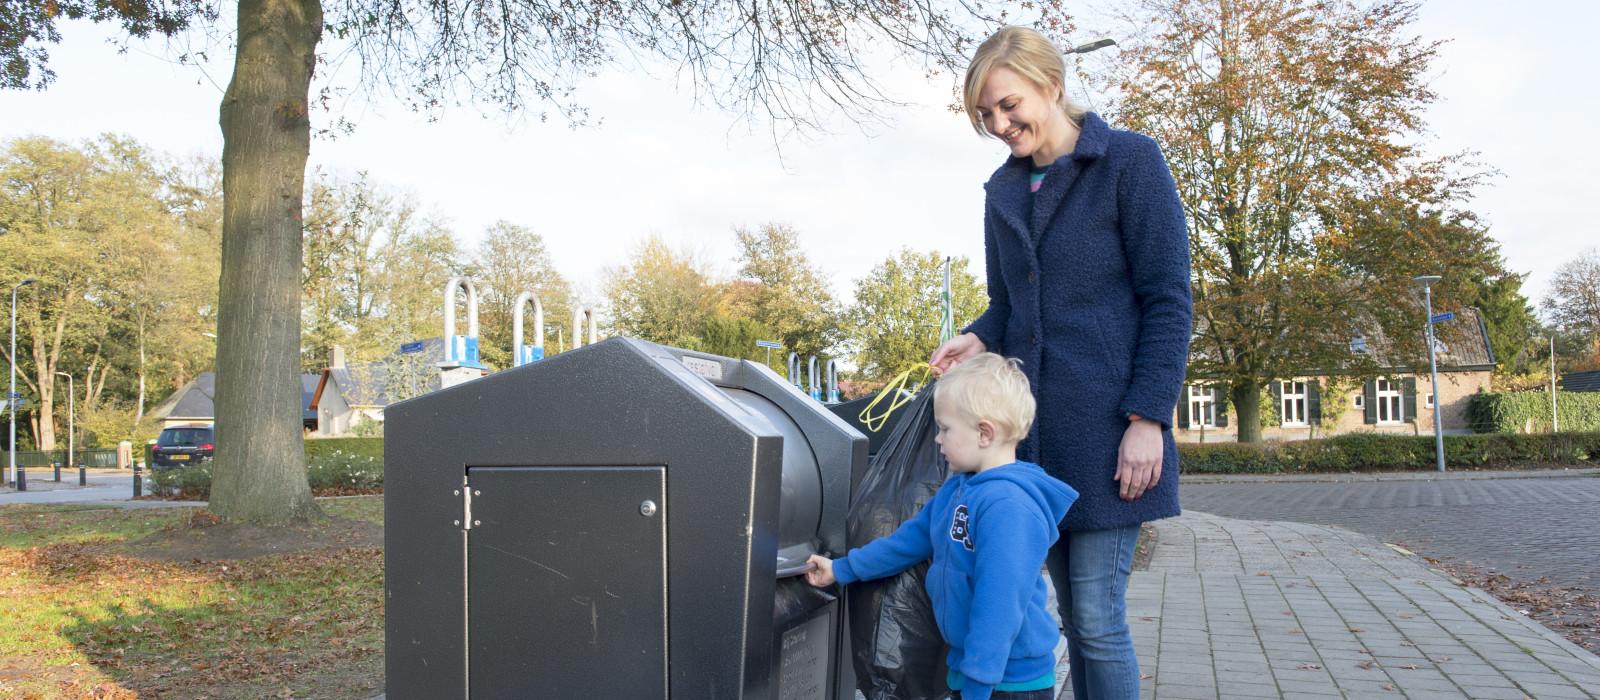 Nieuw beleid gemeente Bronckhorst